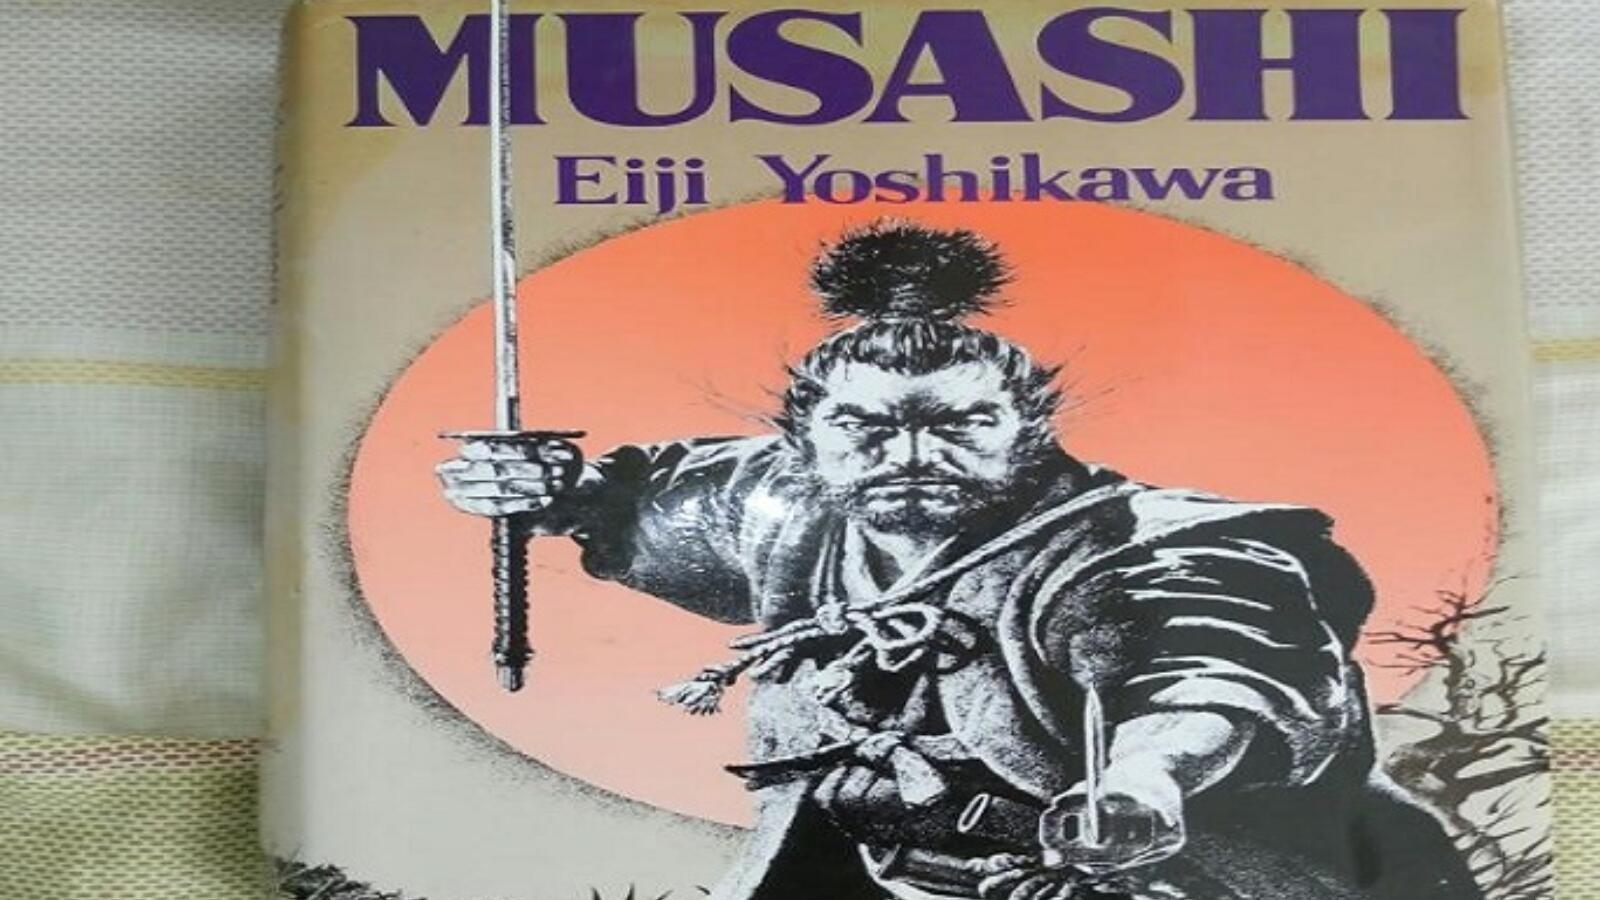 الأدب الياباني: 6 روايات يابانية جديرة بالقراءة